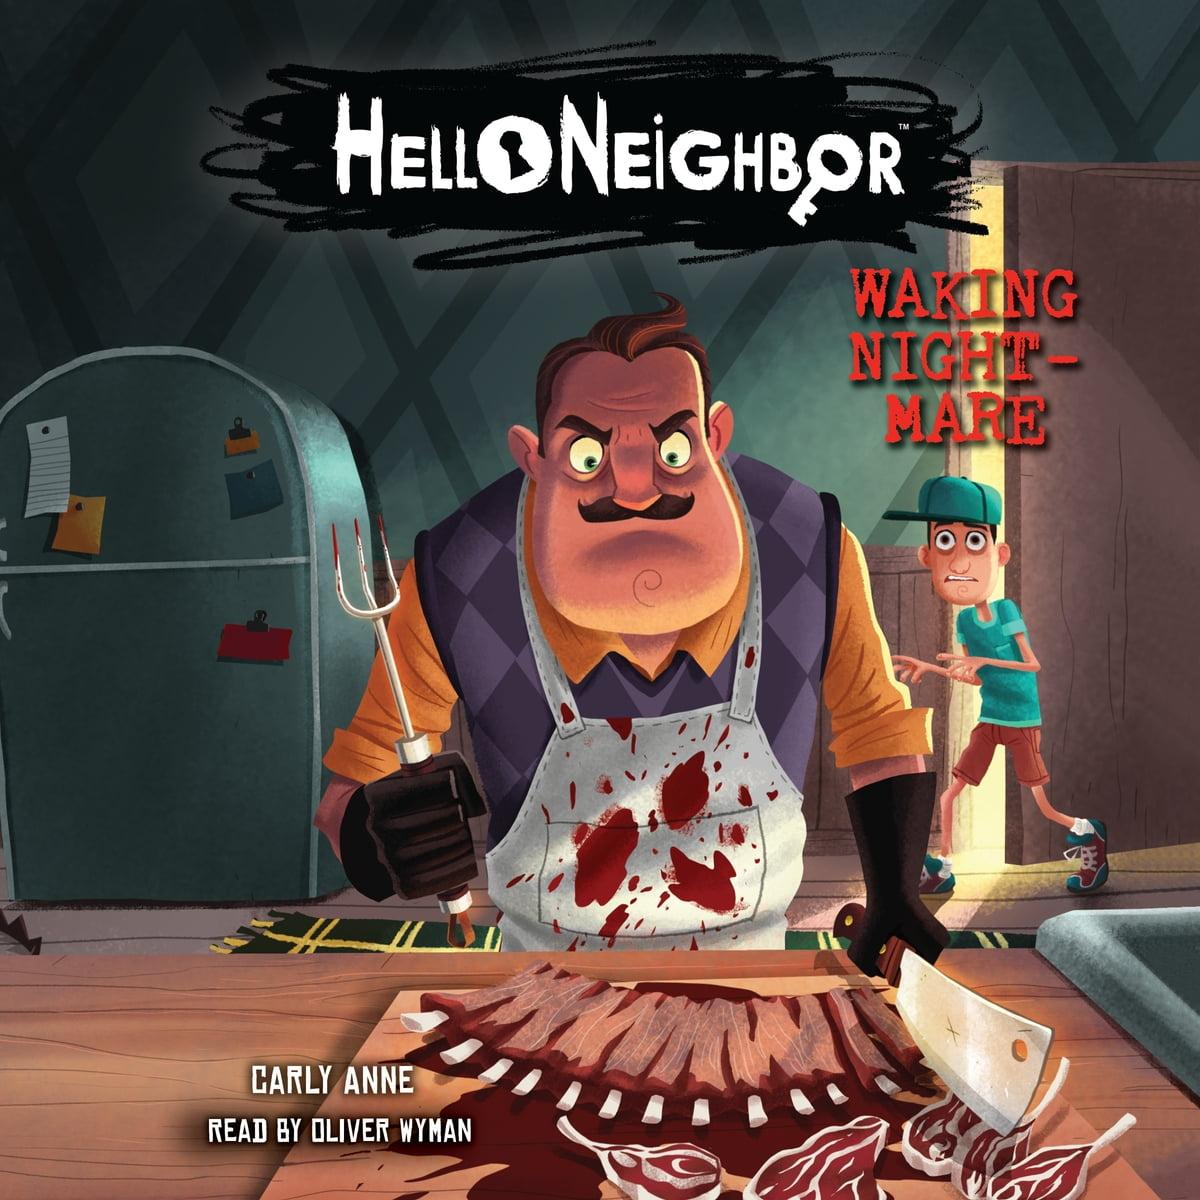 Hello Neighbor #2: Waking Nightmare Audiobook by Carly Anne West - 9781338330809 | Rakuten Kobo United States